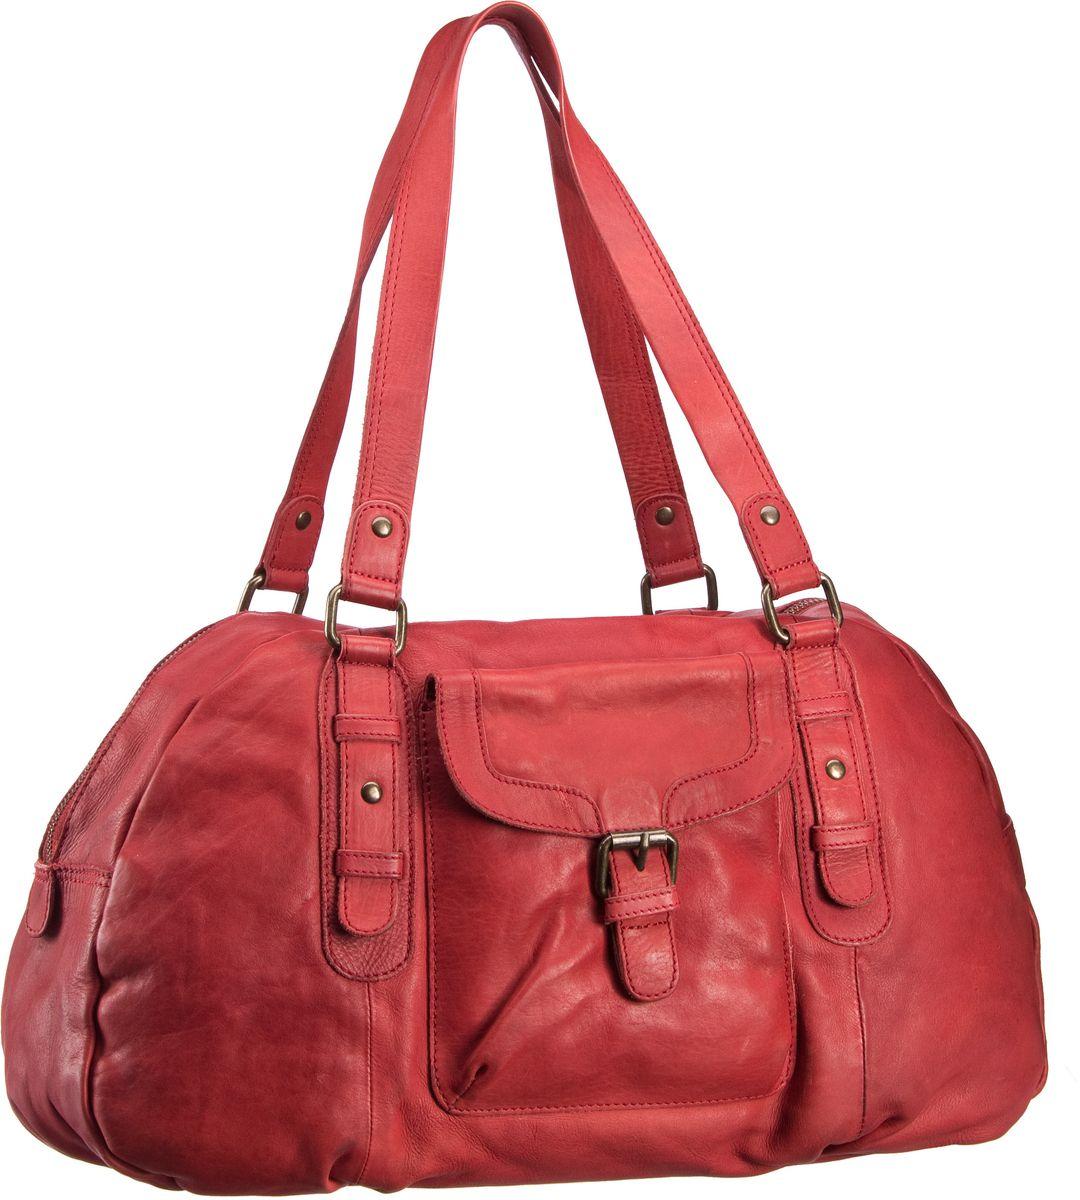 Virginia 2469 Handtasche L Rot - Handtasche